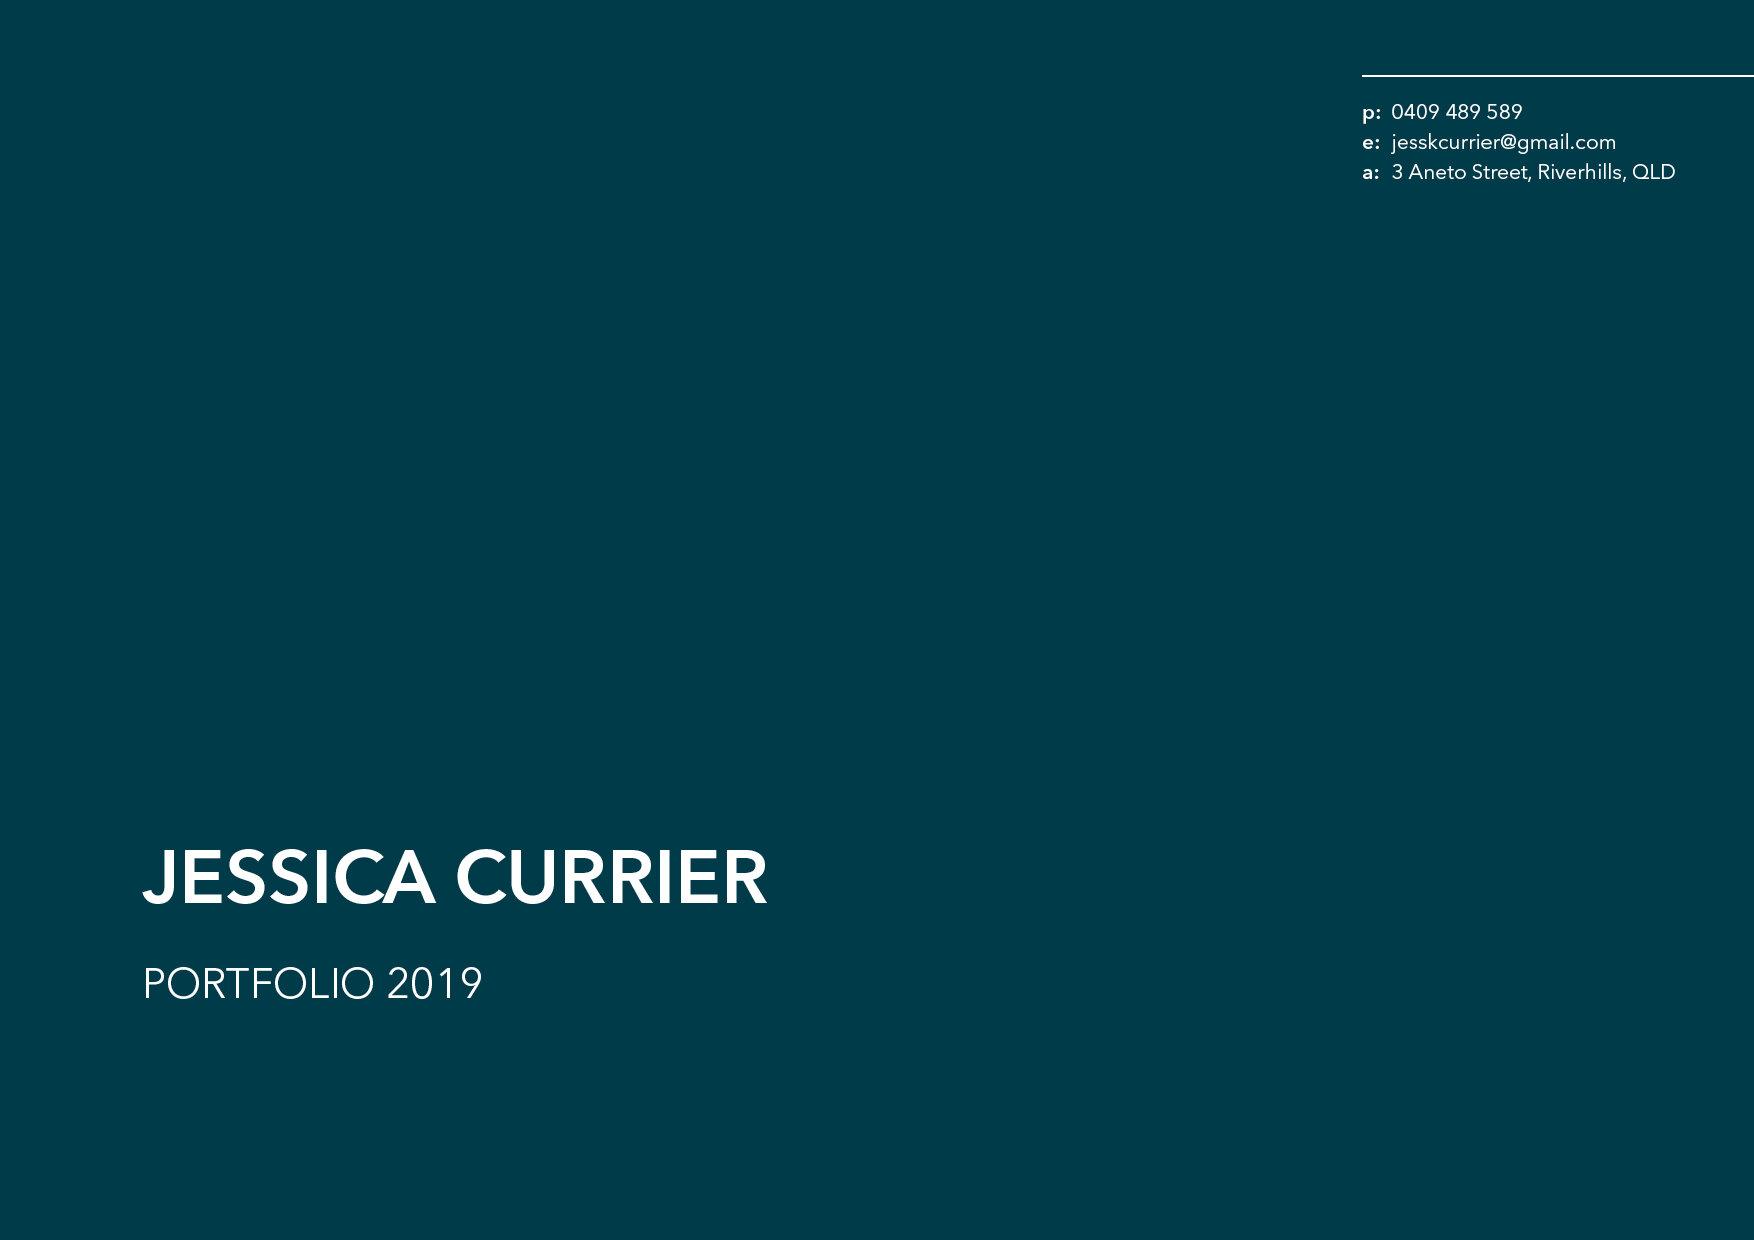 Jessica Currier Portfolio 2019B.jpg